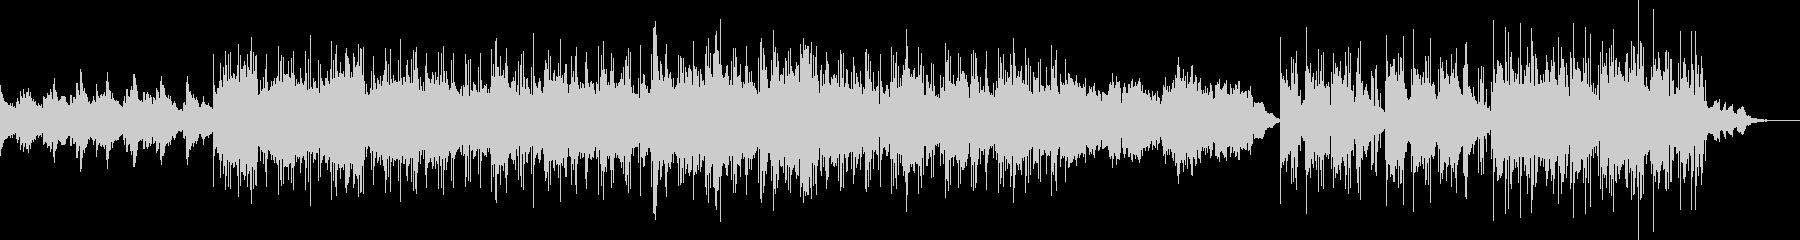 メランコリックなBGMの未再生の波形